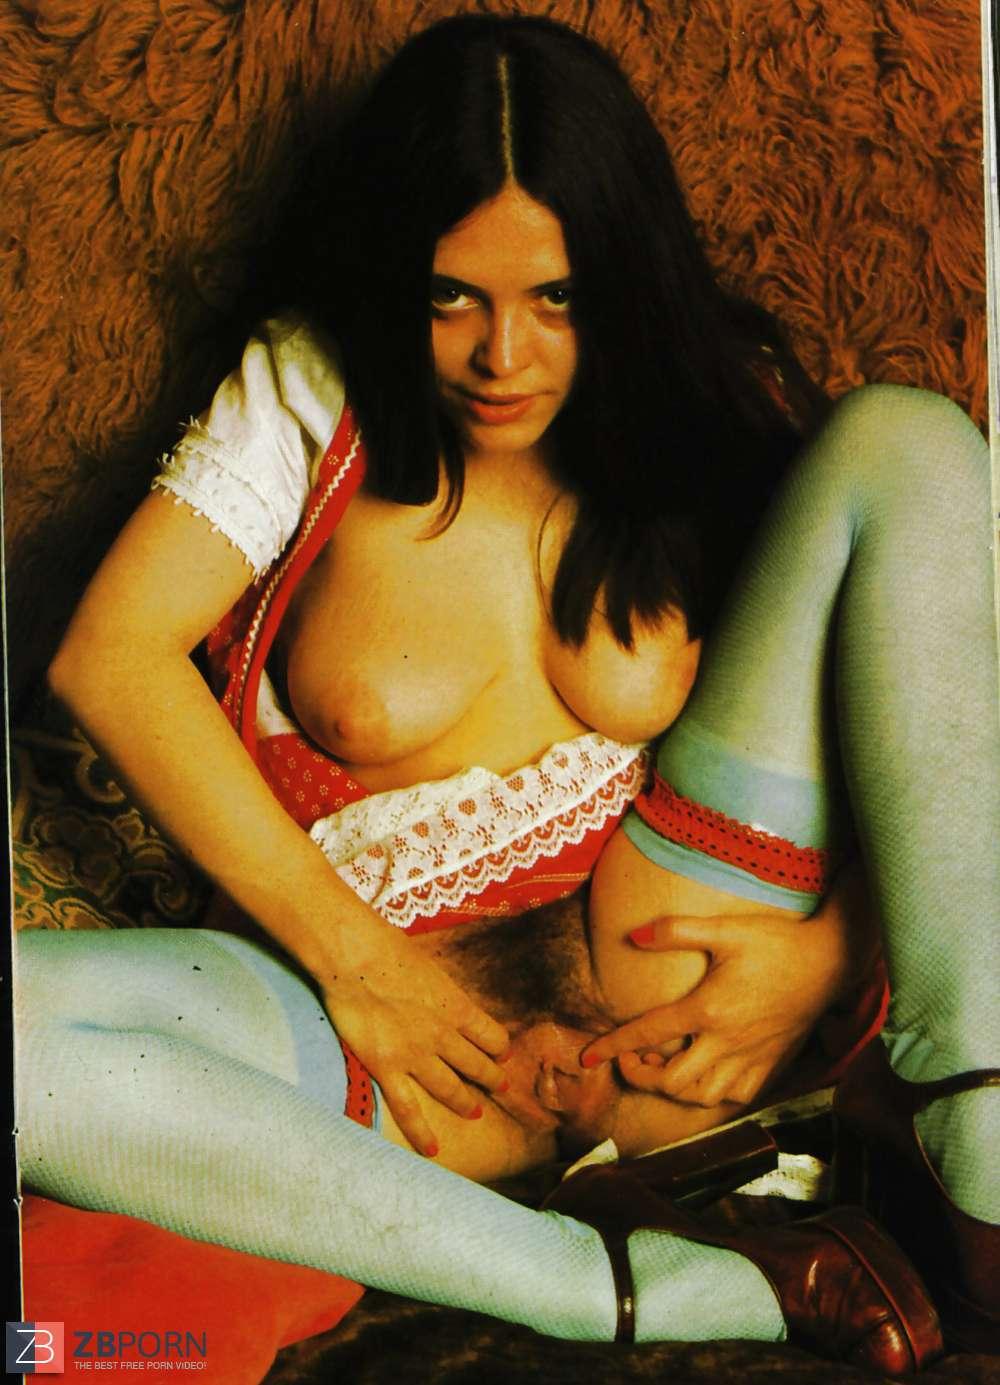 hot pron nurse nude